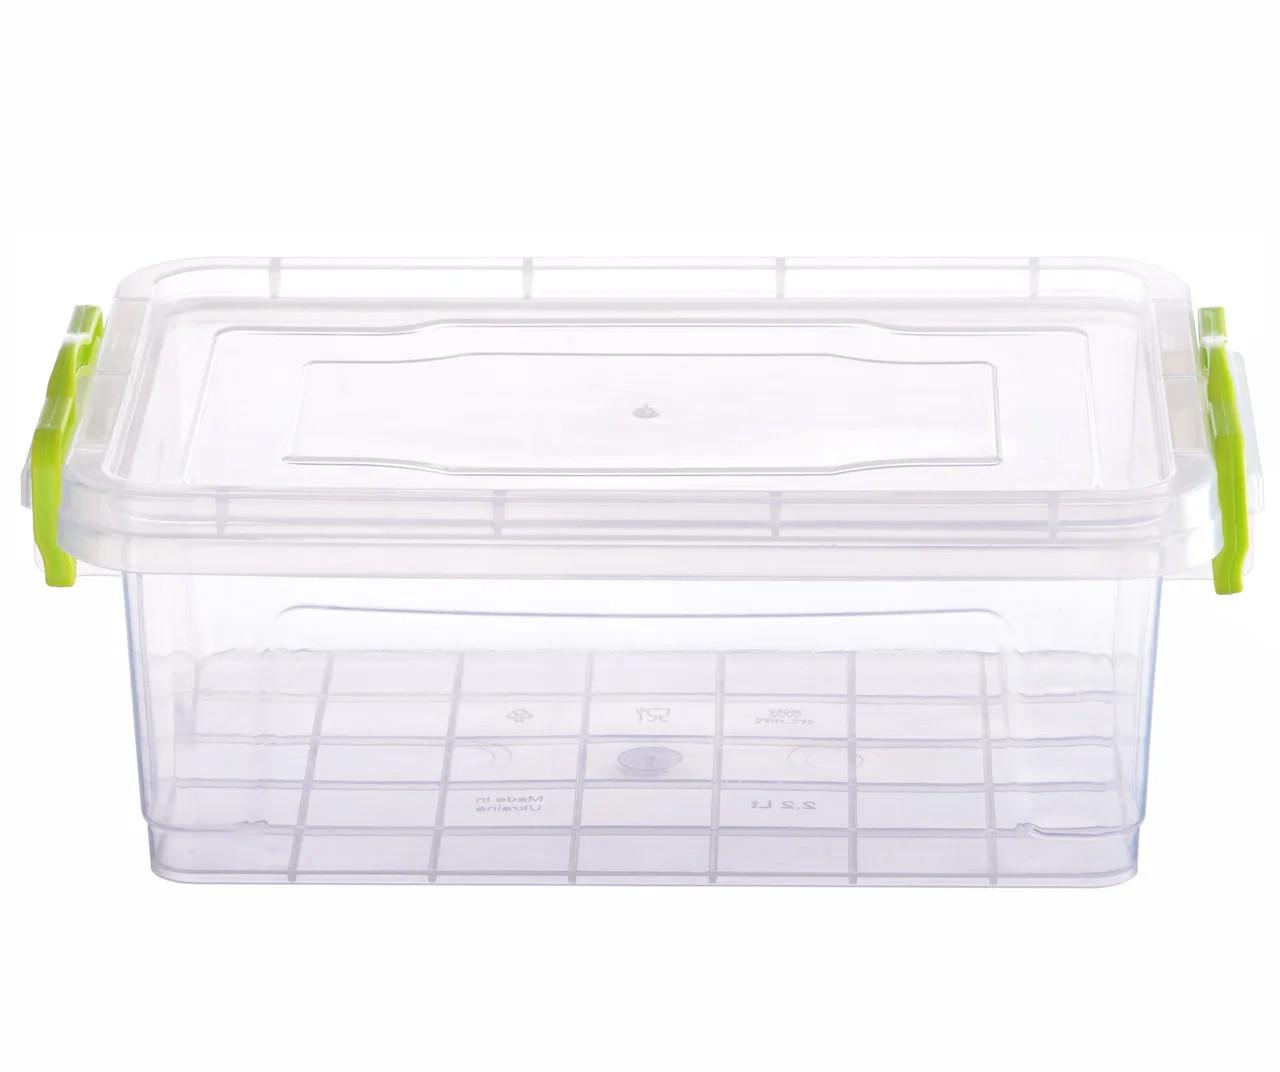 Контейнер пищевой Ал-Пластик Elit 2.2 л. плоский 256 х 170 х 95 мм